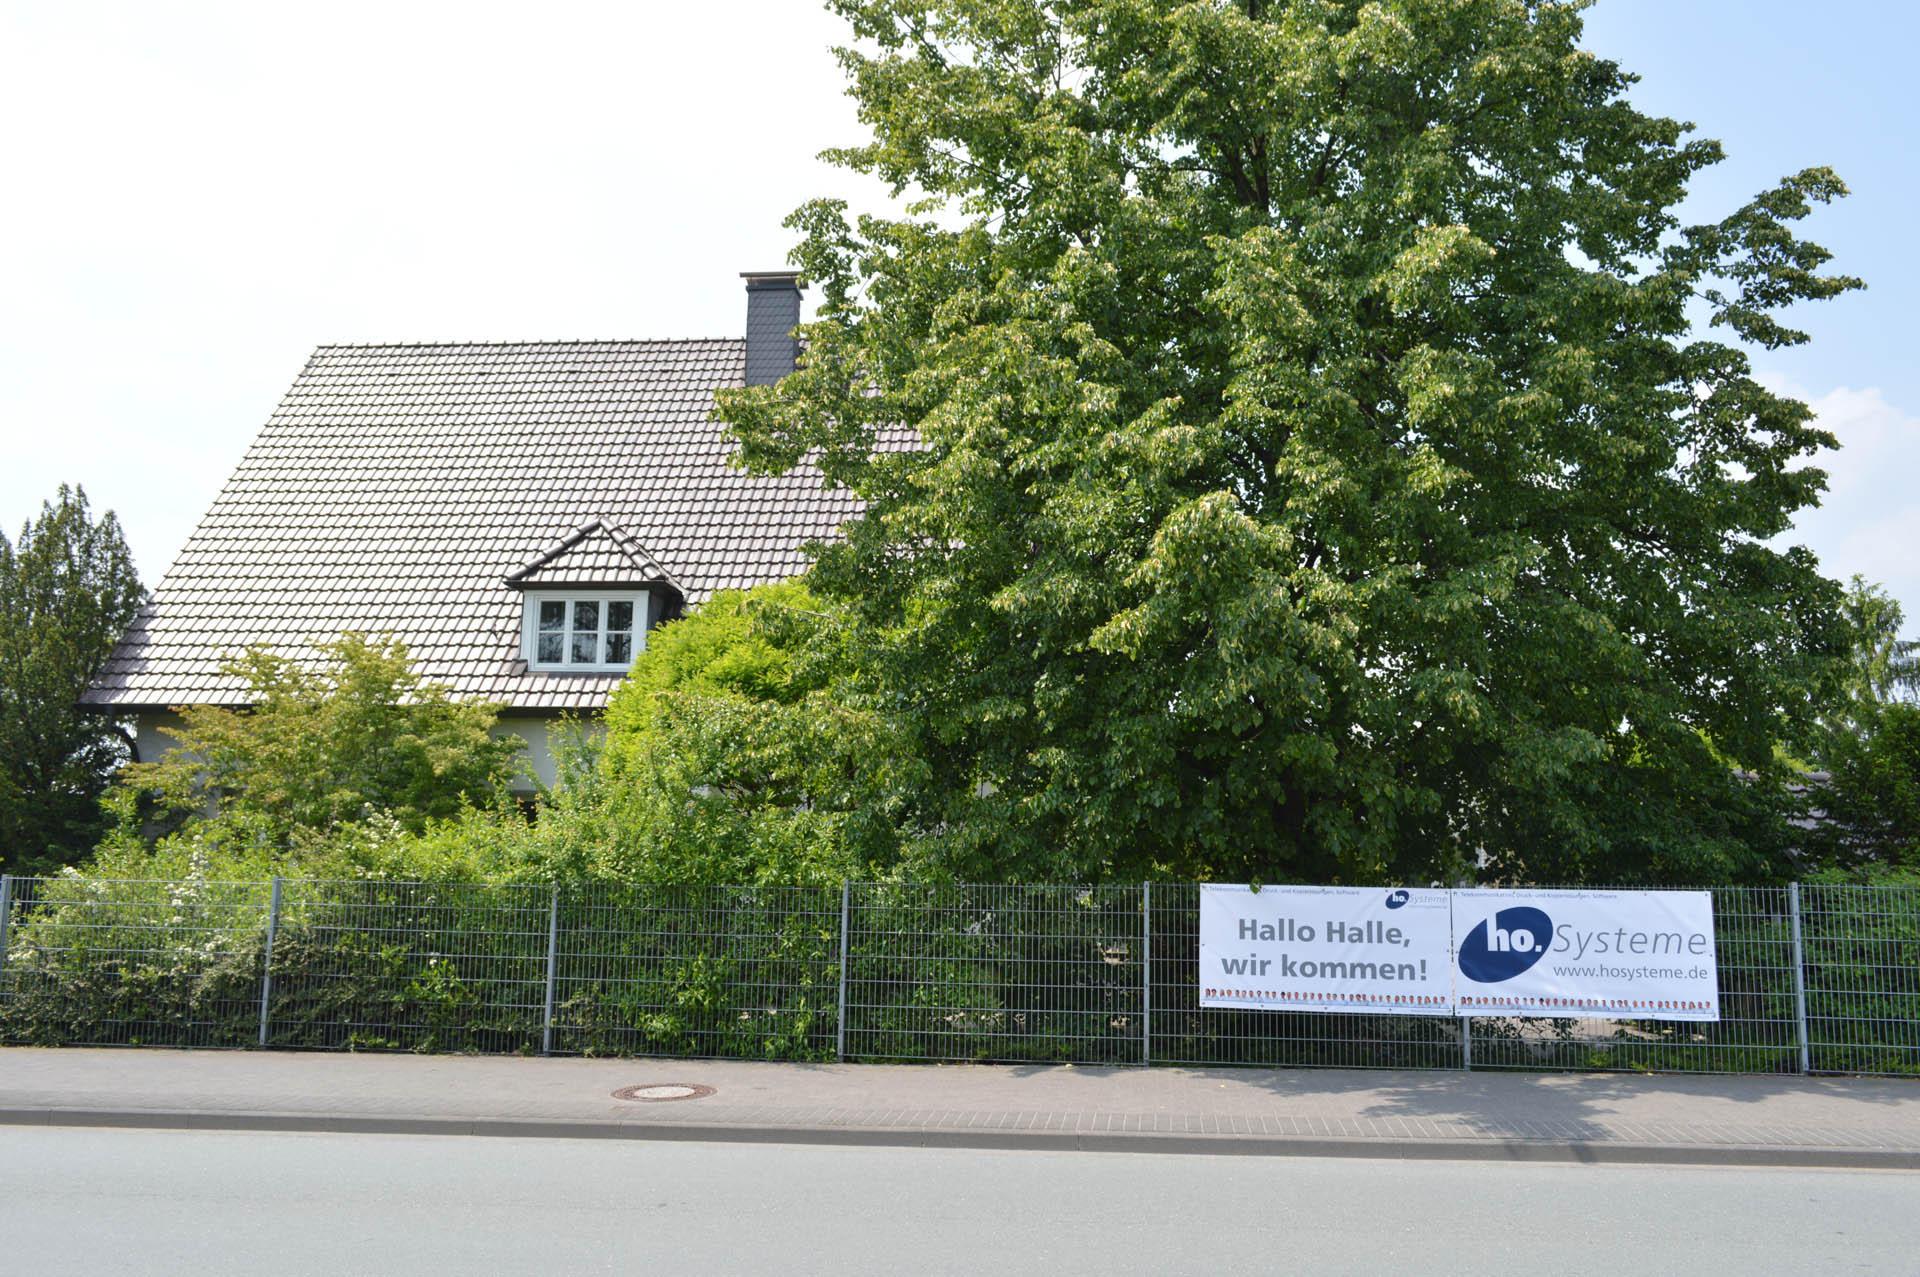 Die neue Firmenzentral von ho.Systeme vor dem Umbau